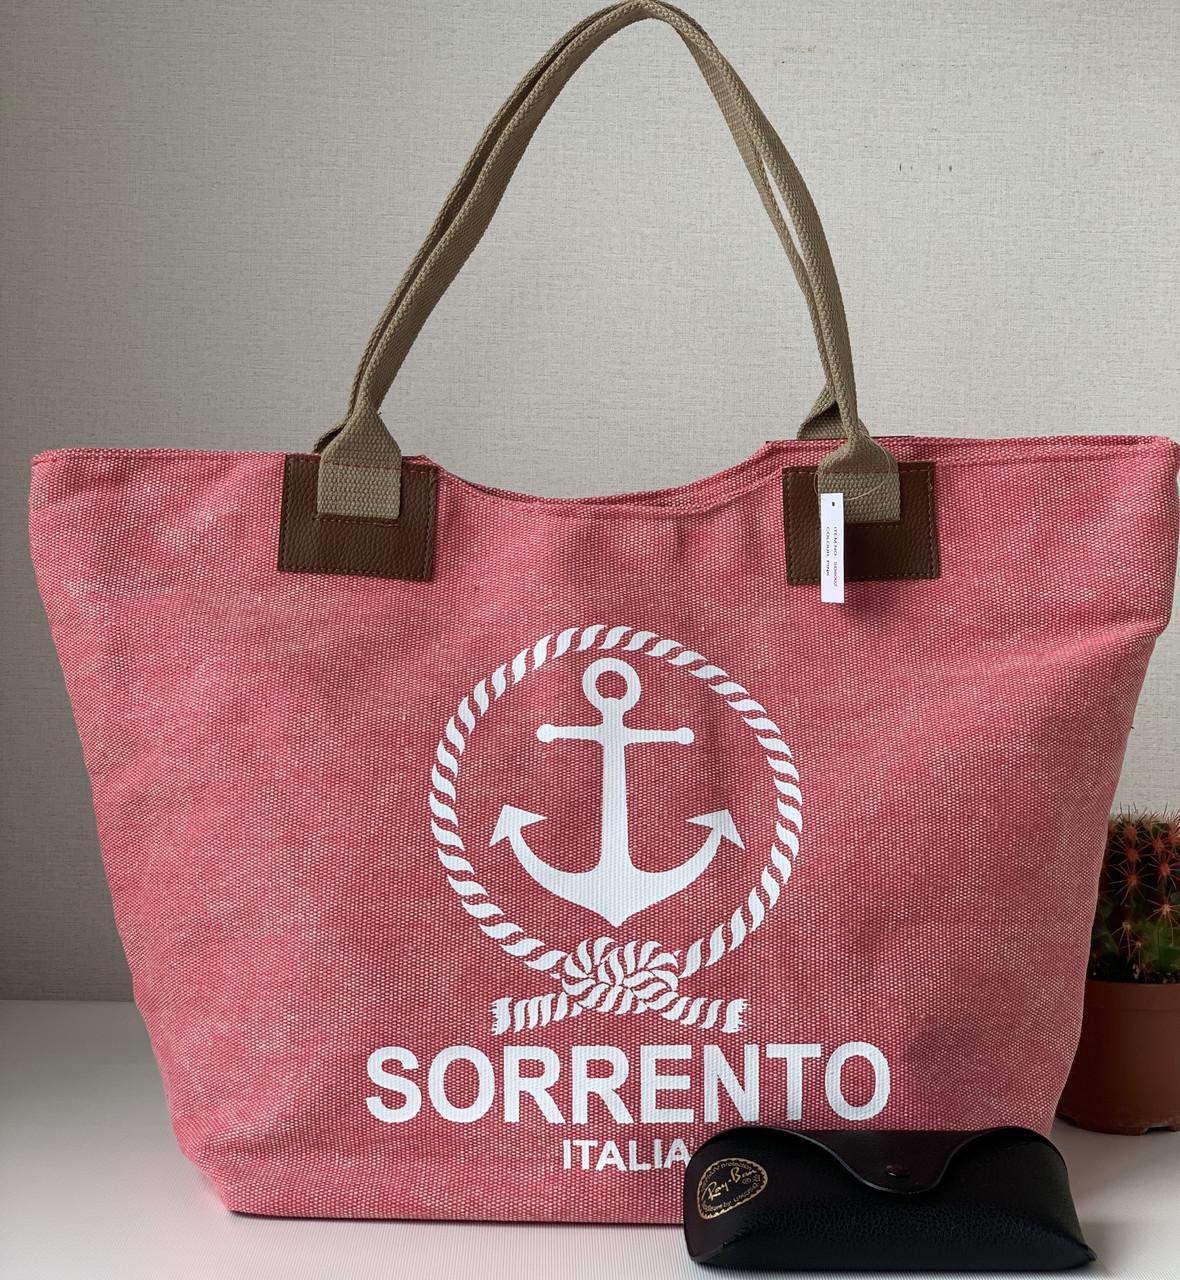 Тканевая женская городская сумка пляжная розовая льняная